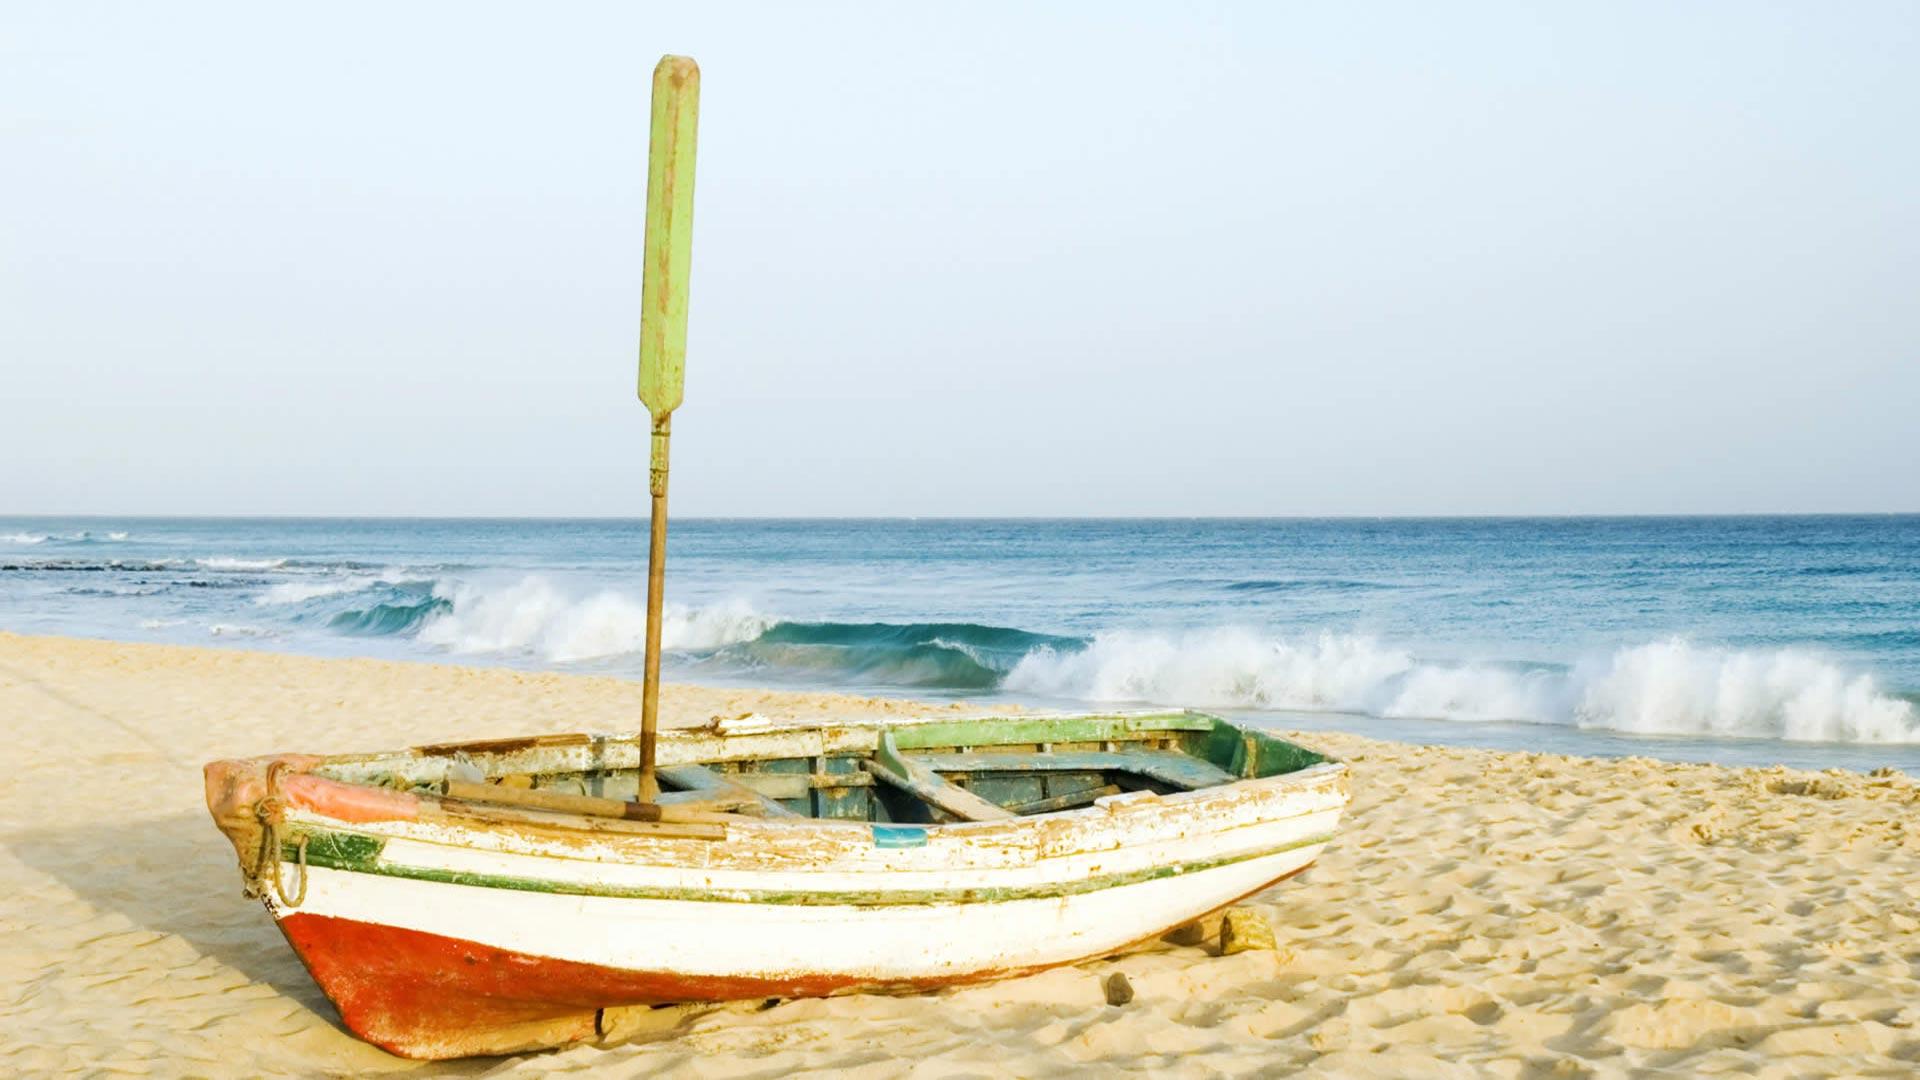 Plages sauvages, îles montagneuses et volcaniques tourmentées, désert, végétation luxuriante, un pays envoûtant, un peuple ouvert et chaleureux, une culture ancestrale teintée de musique et de fête... au Cap-Vert